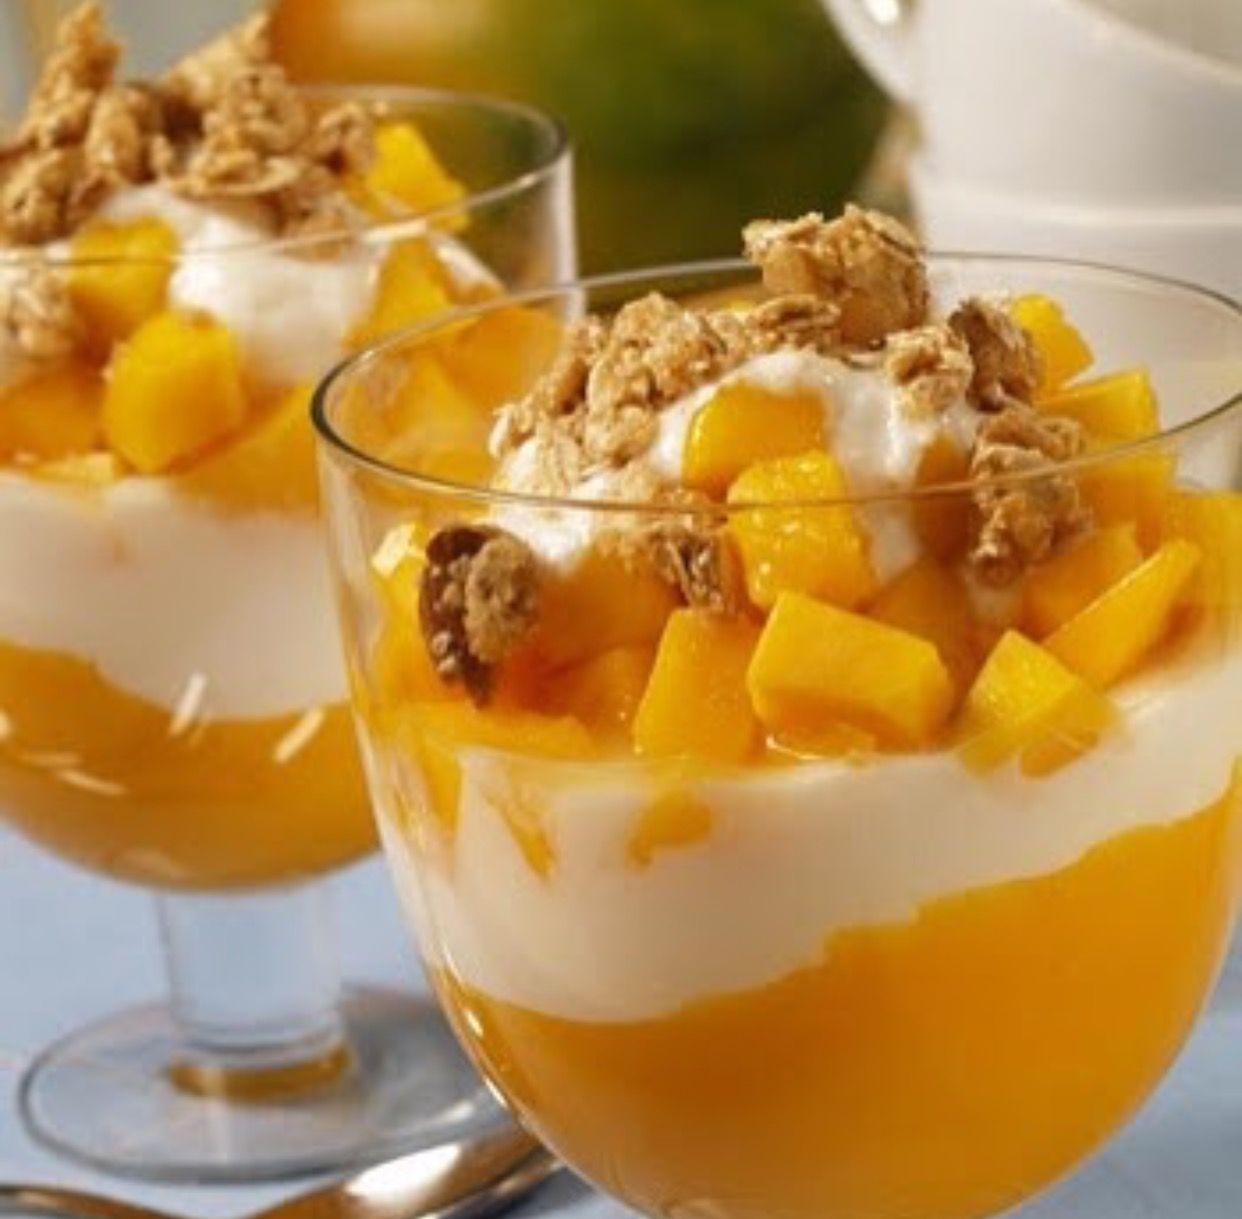 طريقة عمل شراب المانجو بالزبادي بالصور تحضير شراب المانجو مع الزبادى المقادير كوبان من قطع أو لب المانجو الناضج كوبان من Mango Dessert Mango Recipes Food